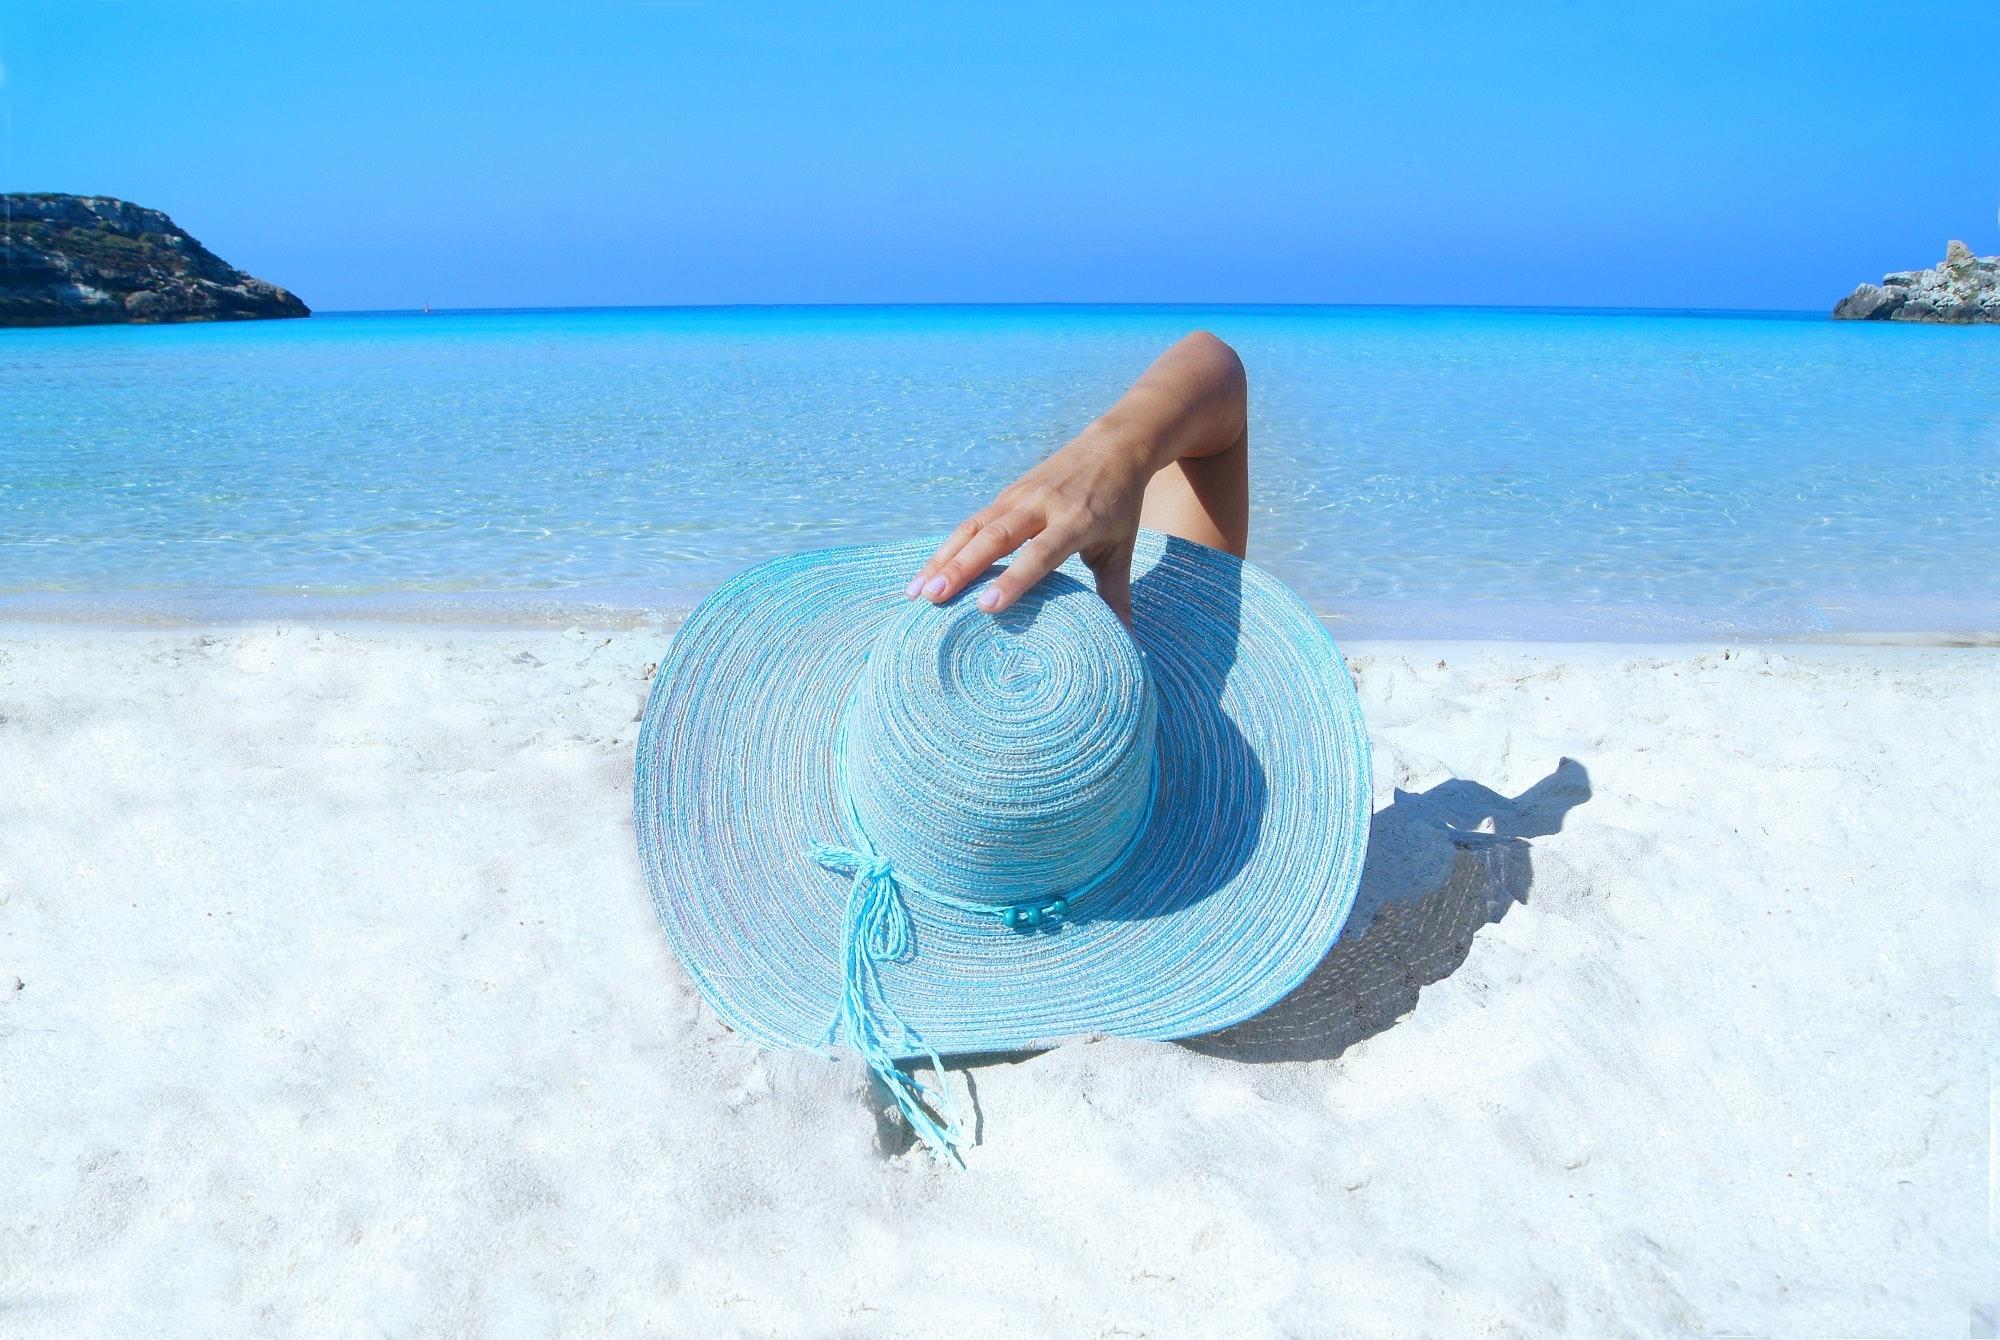 Foto de uma pessoa deitada na areia branca da praia, de forma a só aparecer seu chapéu de praia azul claro e sua mão, segurando o chapéu. AO fundo, o céu e o mar bem azuis.